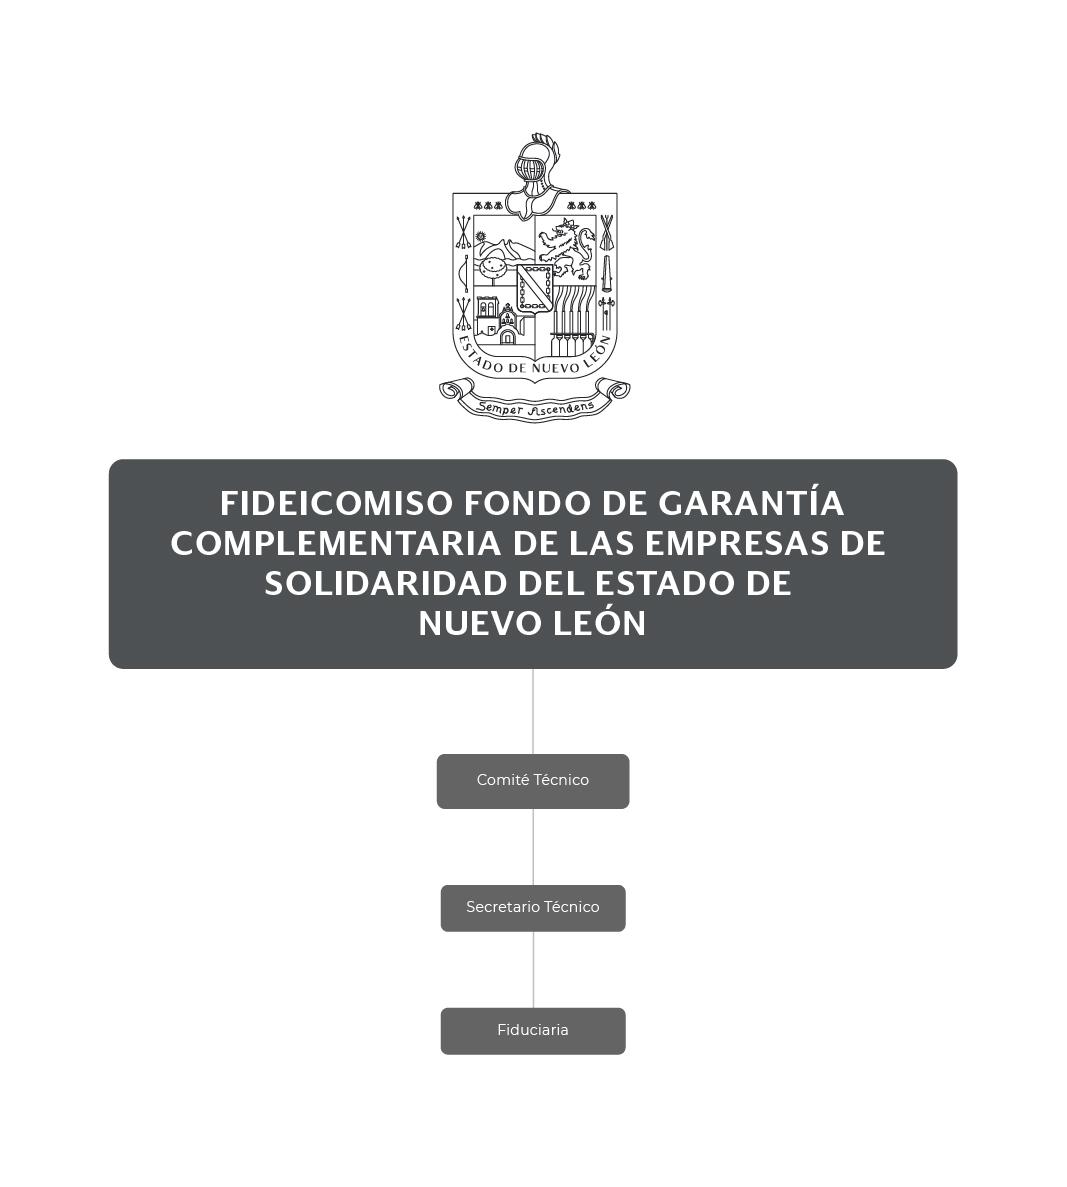 Organigrama del Fideicomiso Fondo de Garantía Complementaria de las Empresas de Solidaridad del Estado de Nuevo León